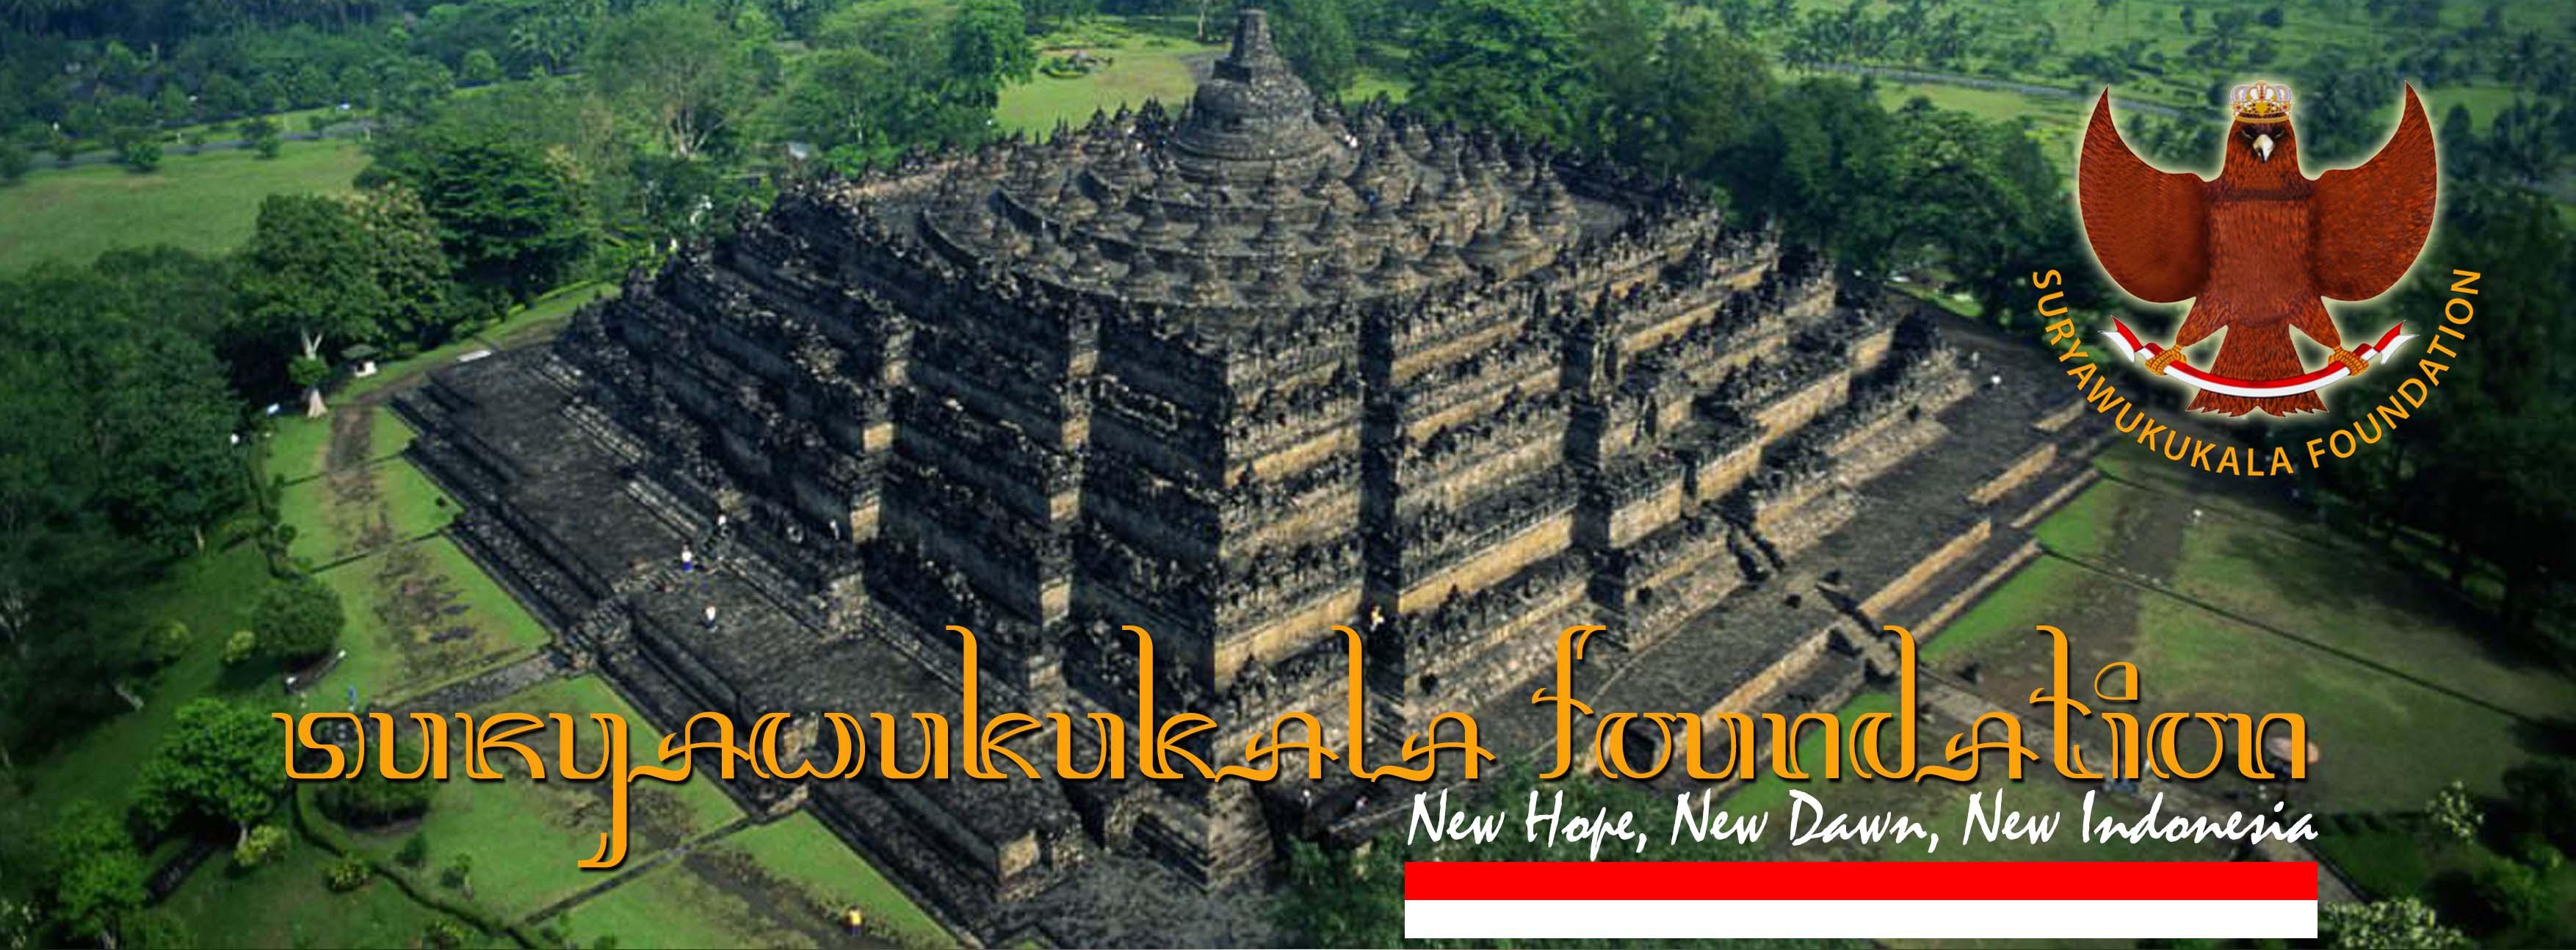 suryawukukala foundation header image